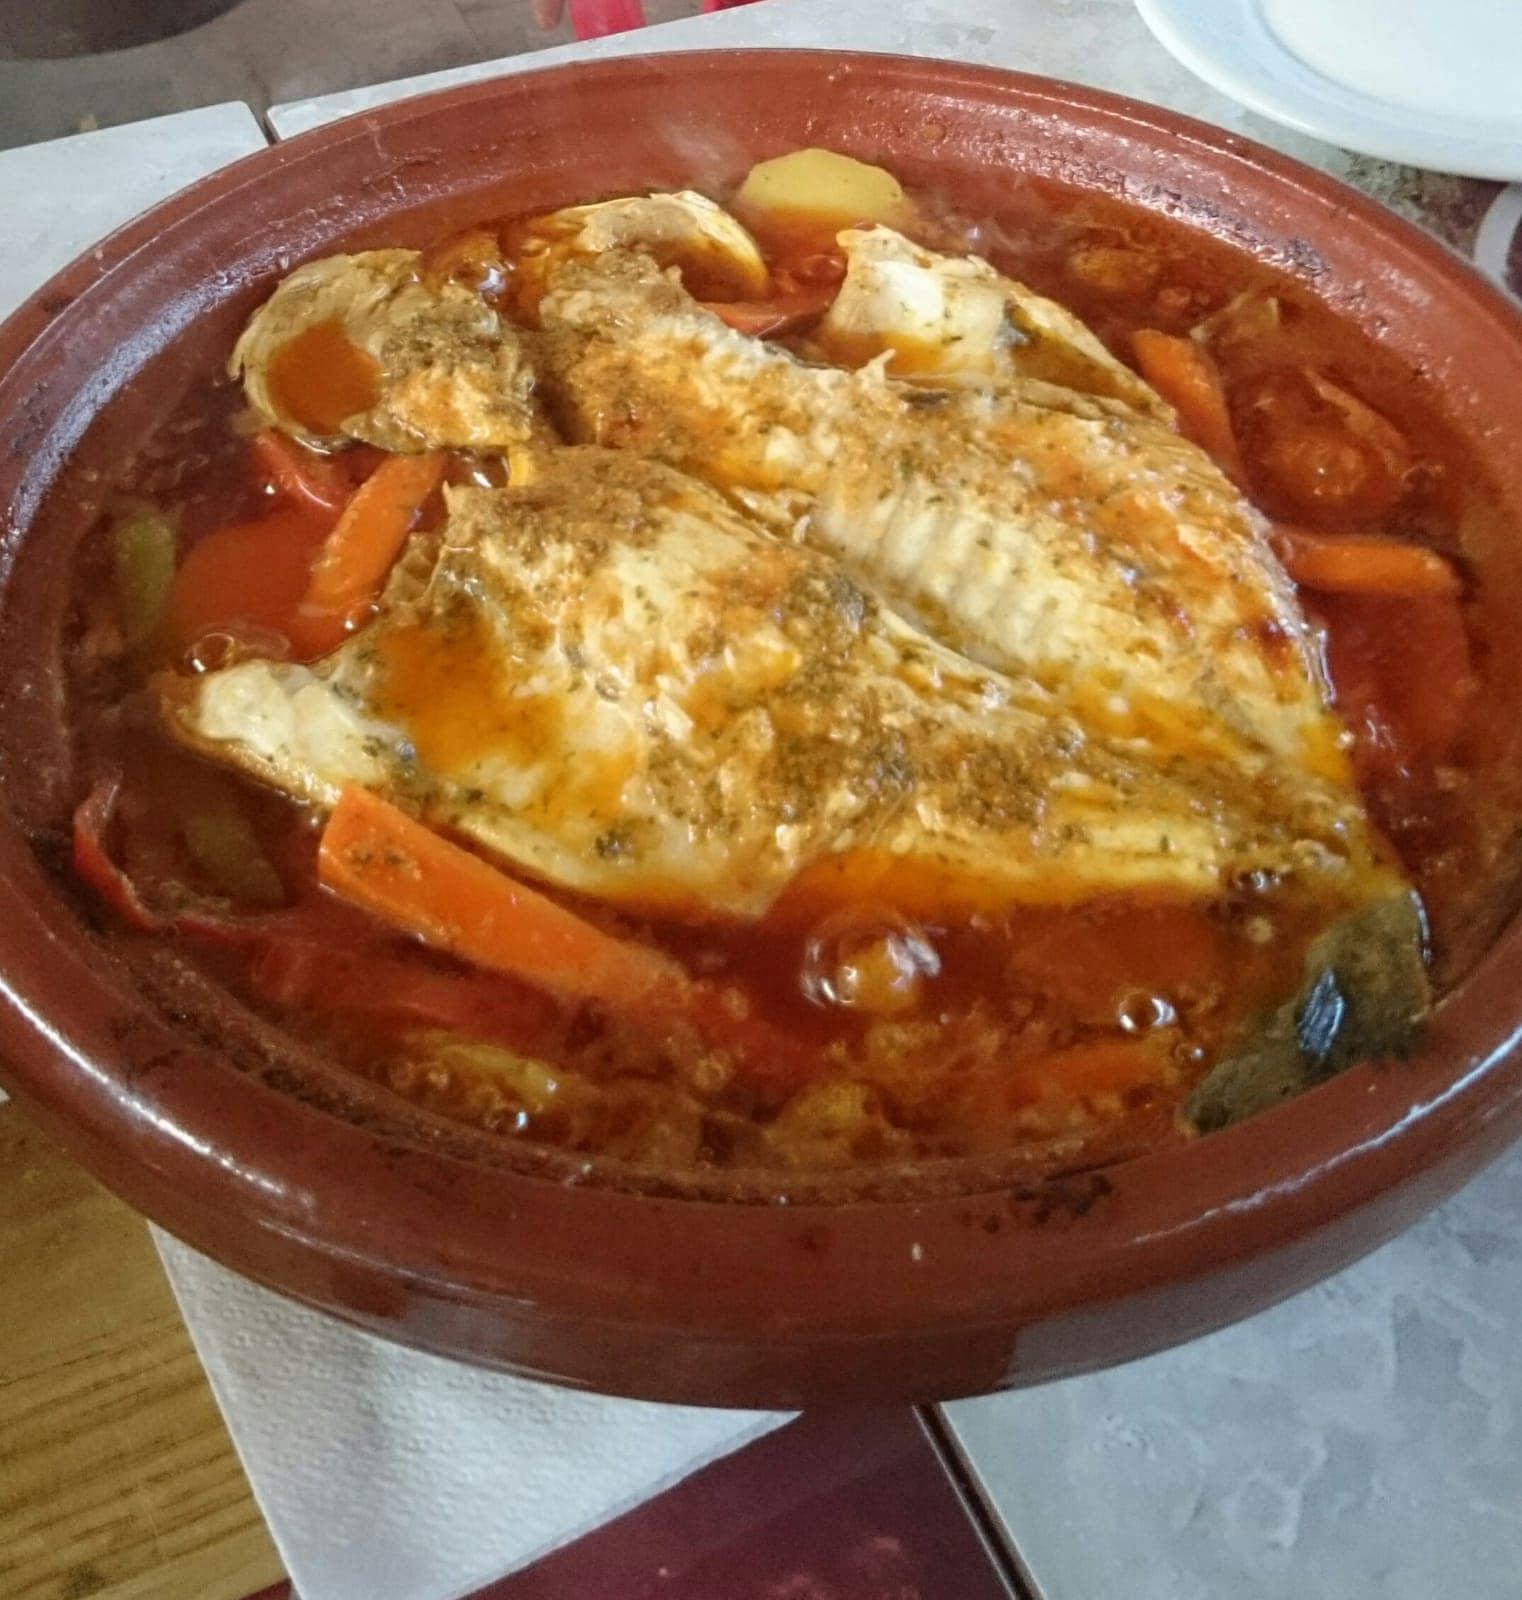 Tajine de lubina al horno Casa Moha Punta Umbría comida marroquí y mediterránea